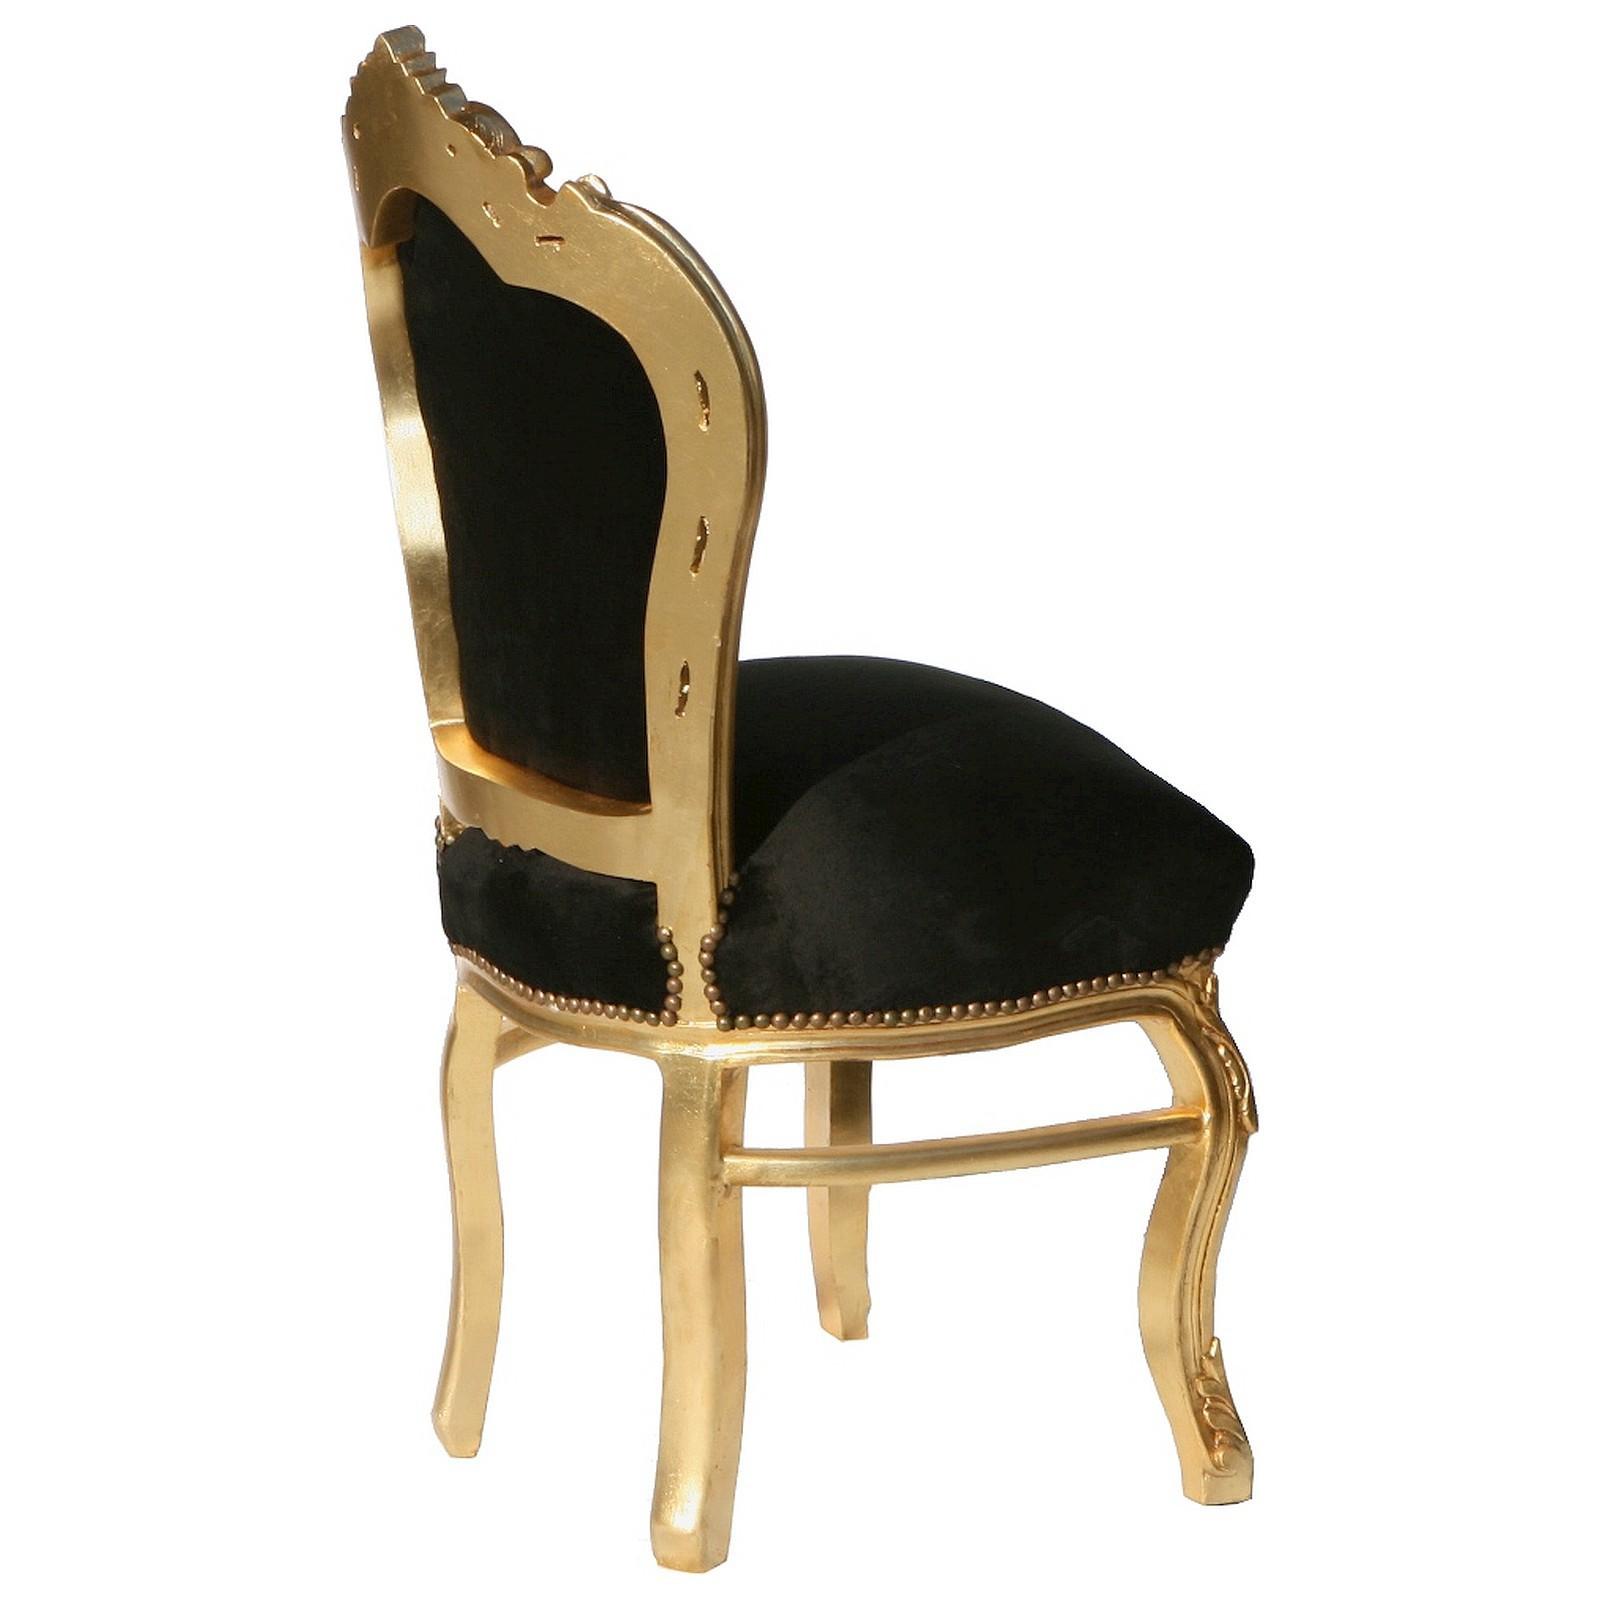 Küchentisch Stühle Set Angebot Barockmöbel schwarz Barock Design mit ...